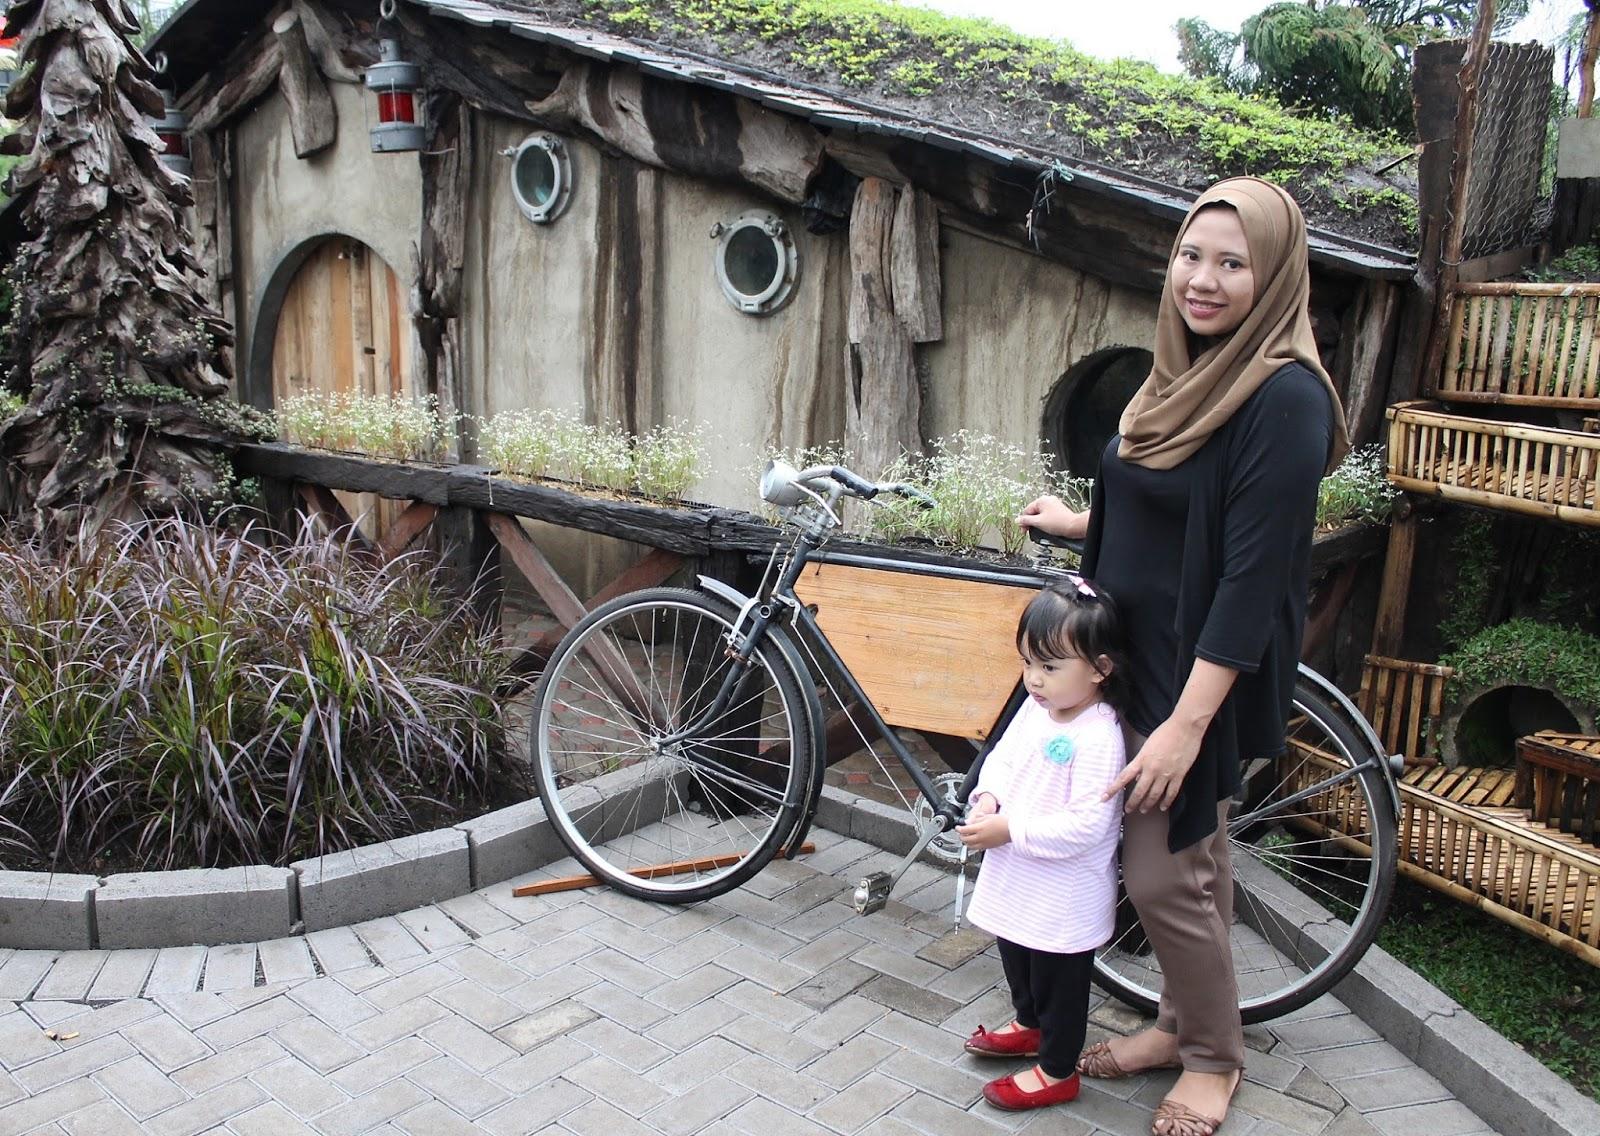 Adeknakemal Jalan2 Makan2 D Jalan2 Farmhouse Lembang